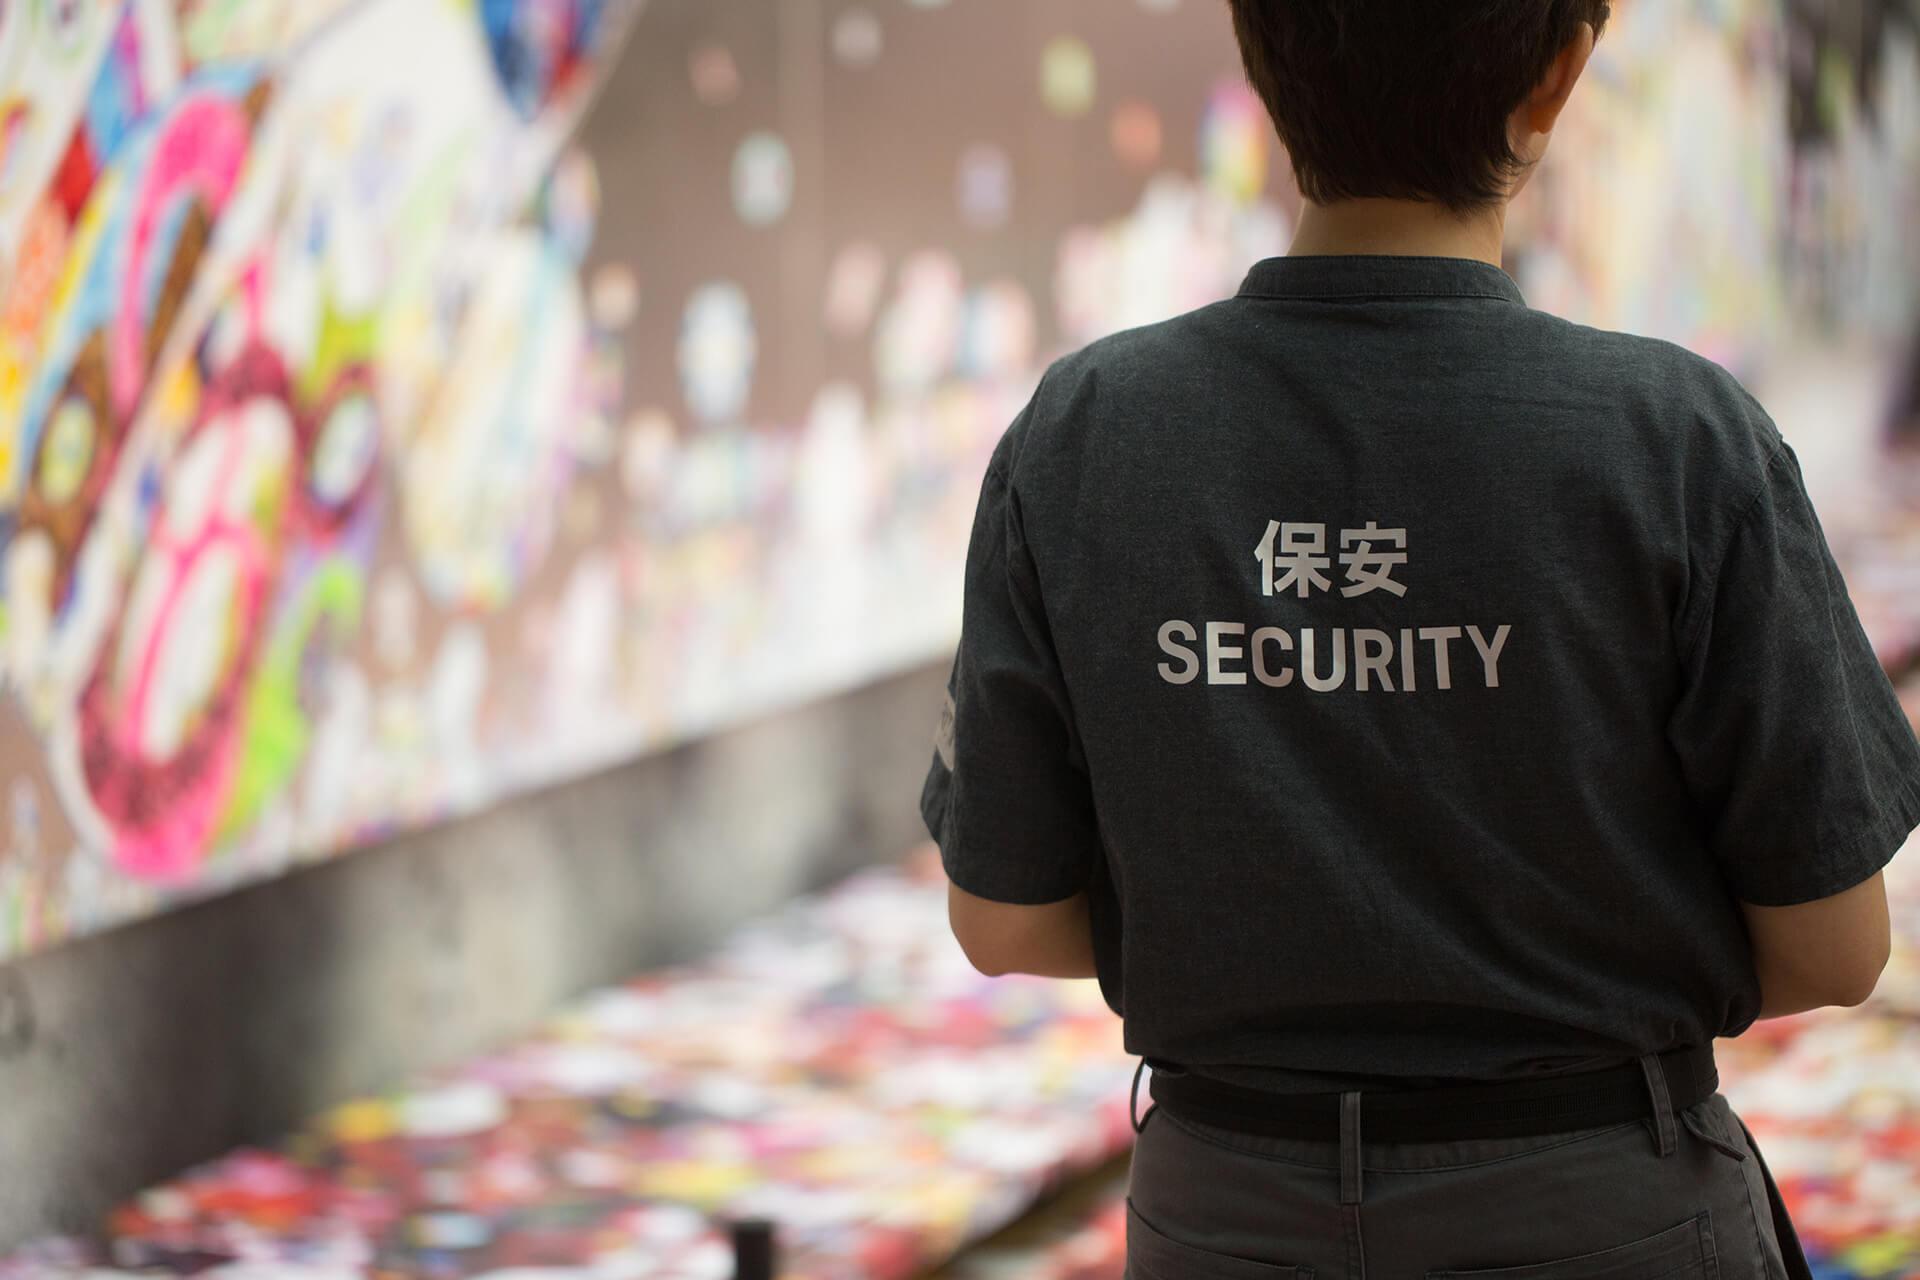 相比導賞員的灰色制服,大館內的保安有明顯標記,但過多穿制服的保安在場巡邏,難免為觀賞者帶來壓力。